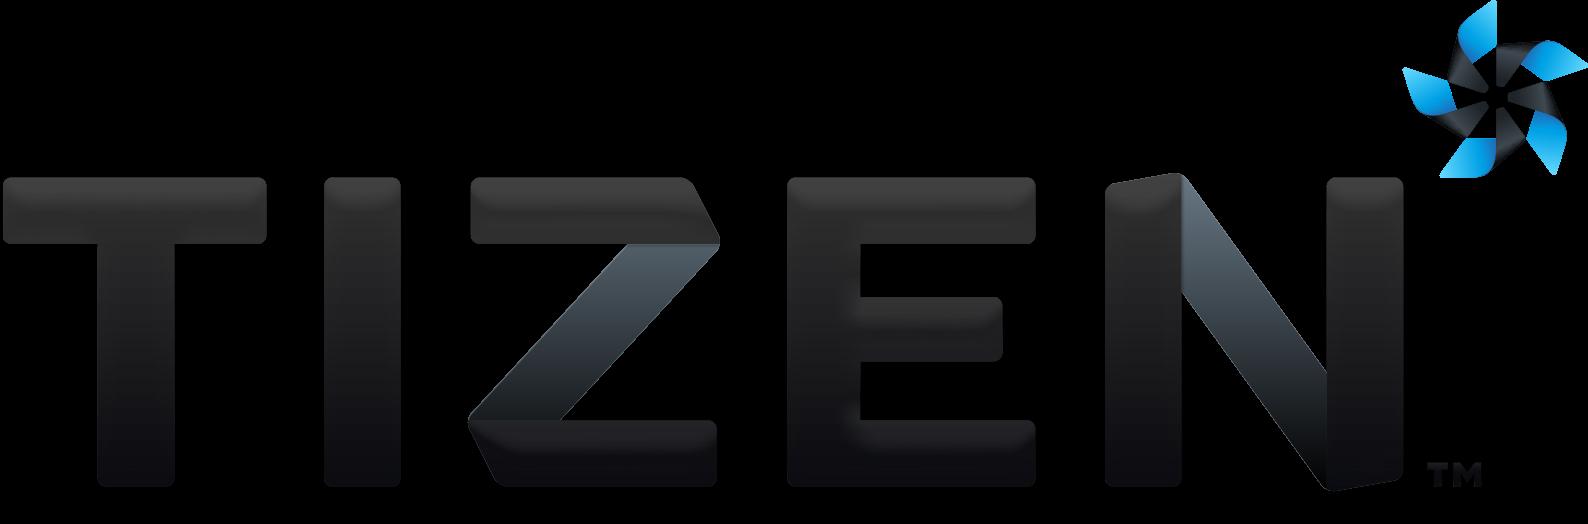 파일:external/tizendevlabs.bemyapp.com/logo-tizen.png